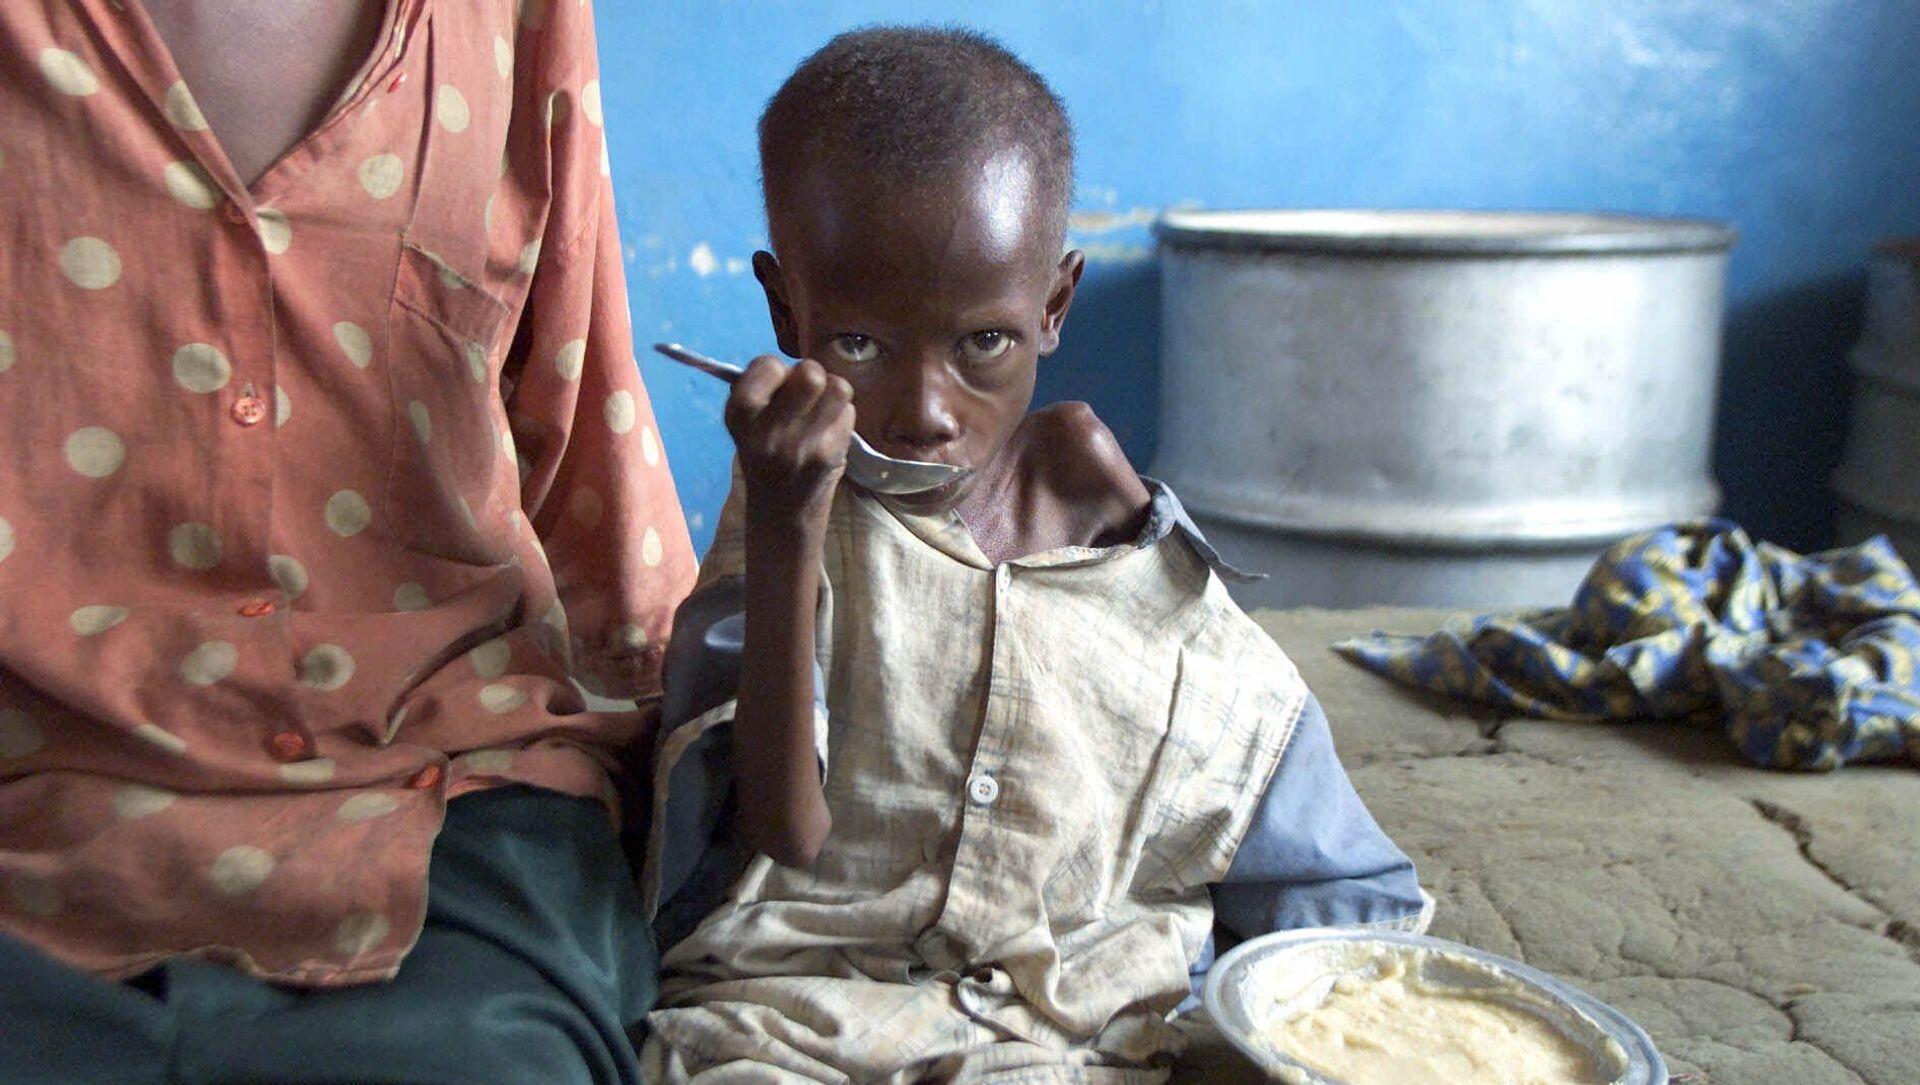 Bambino consumato dalla fame in Congo - Sputnik Italia, 1920, 22.02.2021